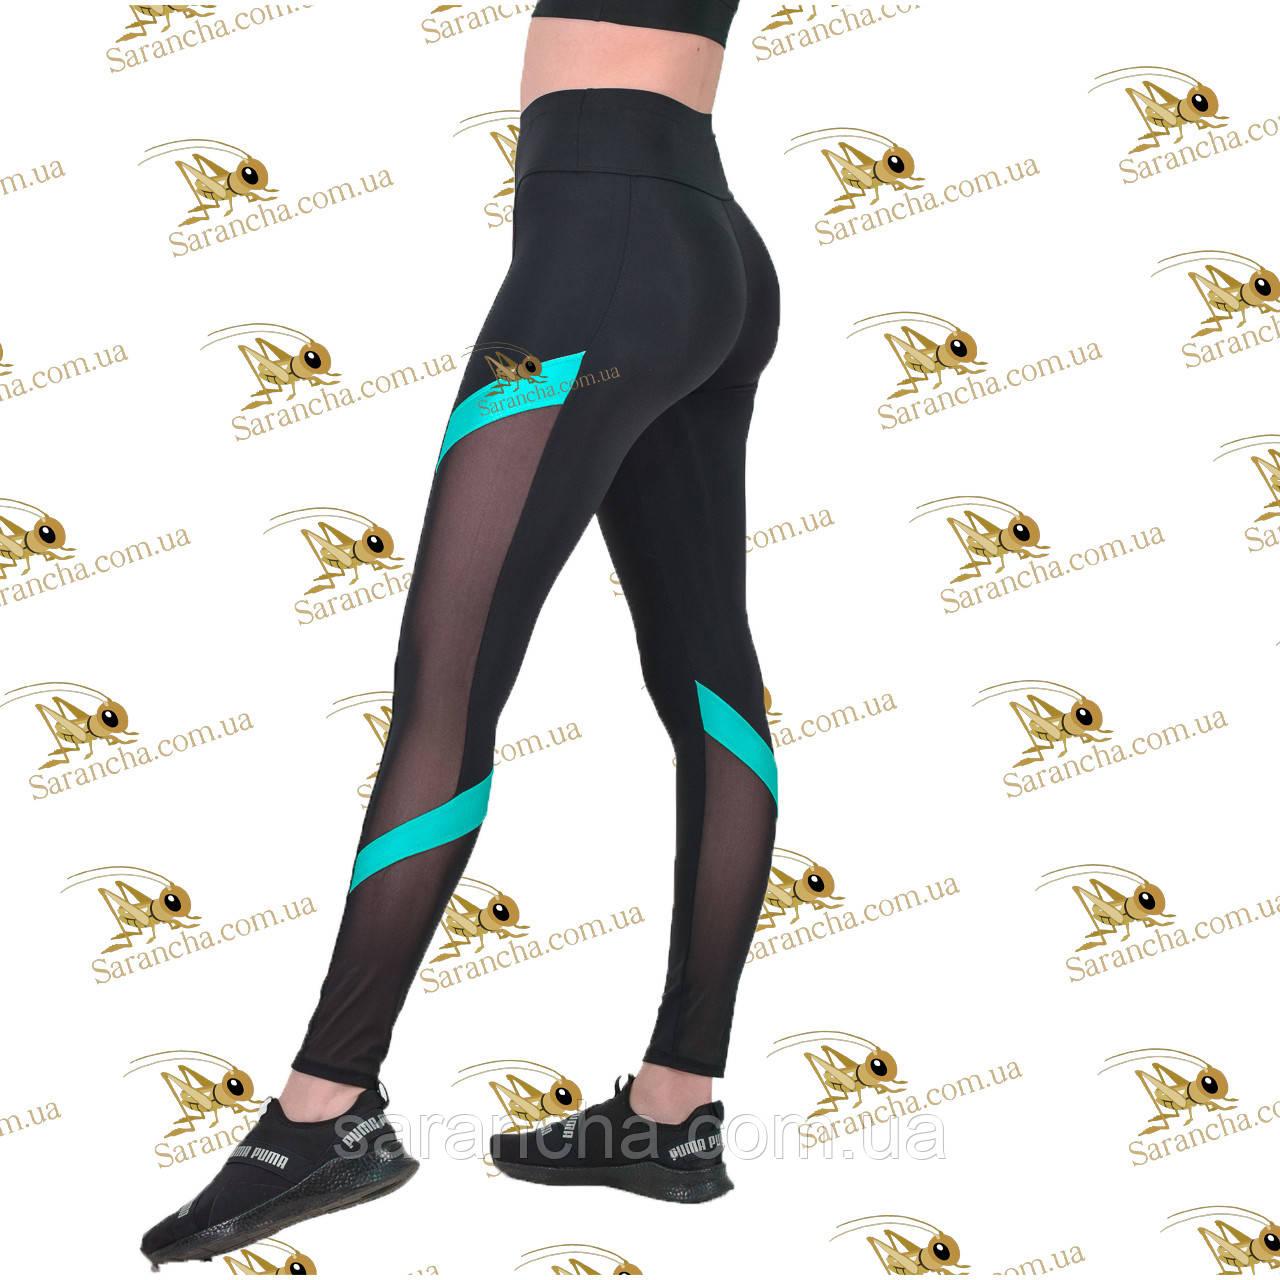 Cпортивные женские черные лосины со вставками сетки и бифлекса бирюзового цвета